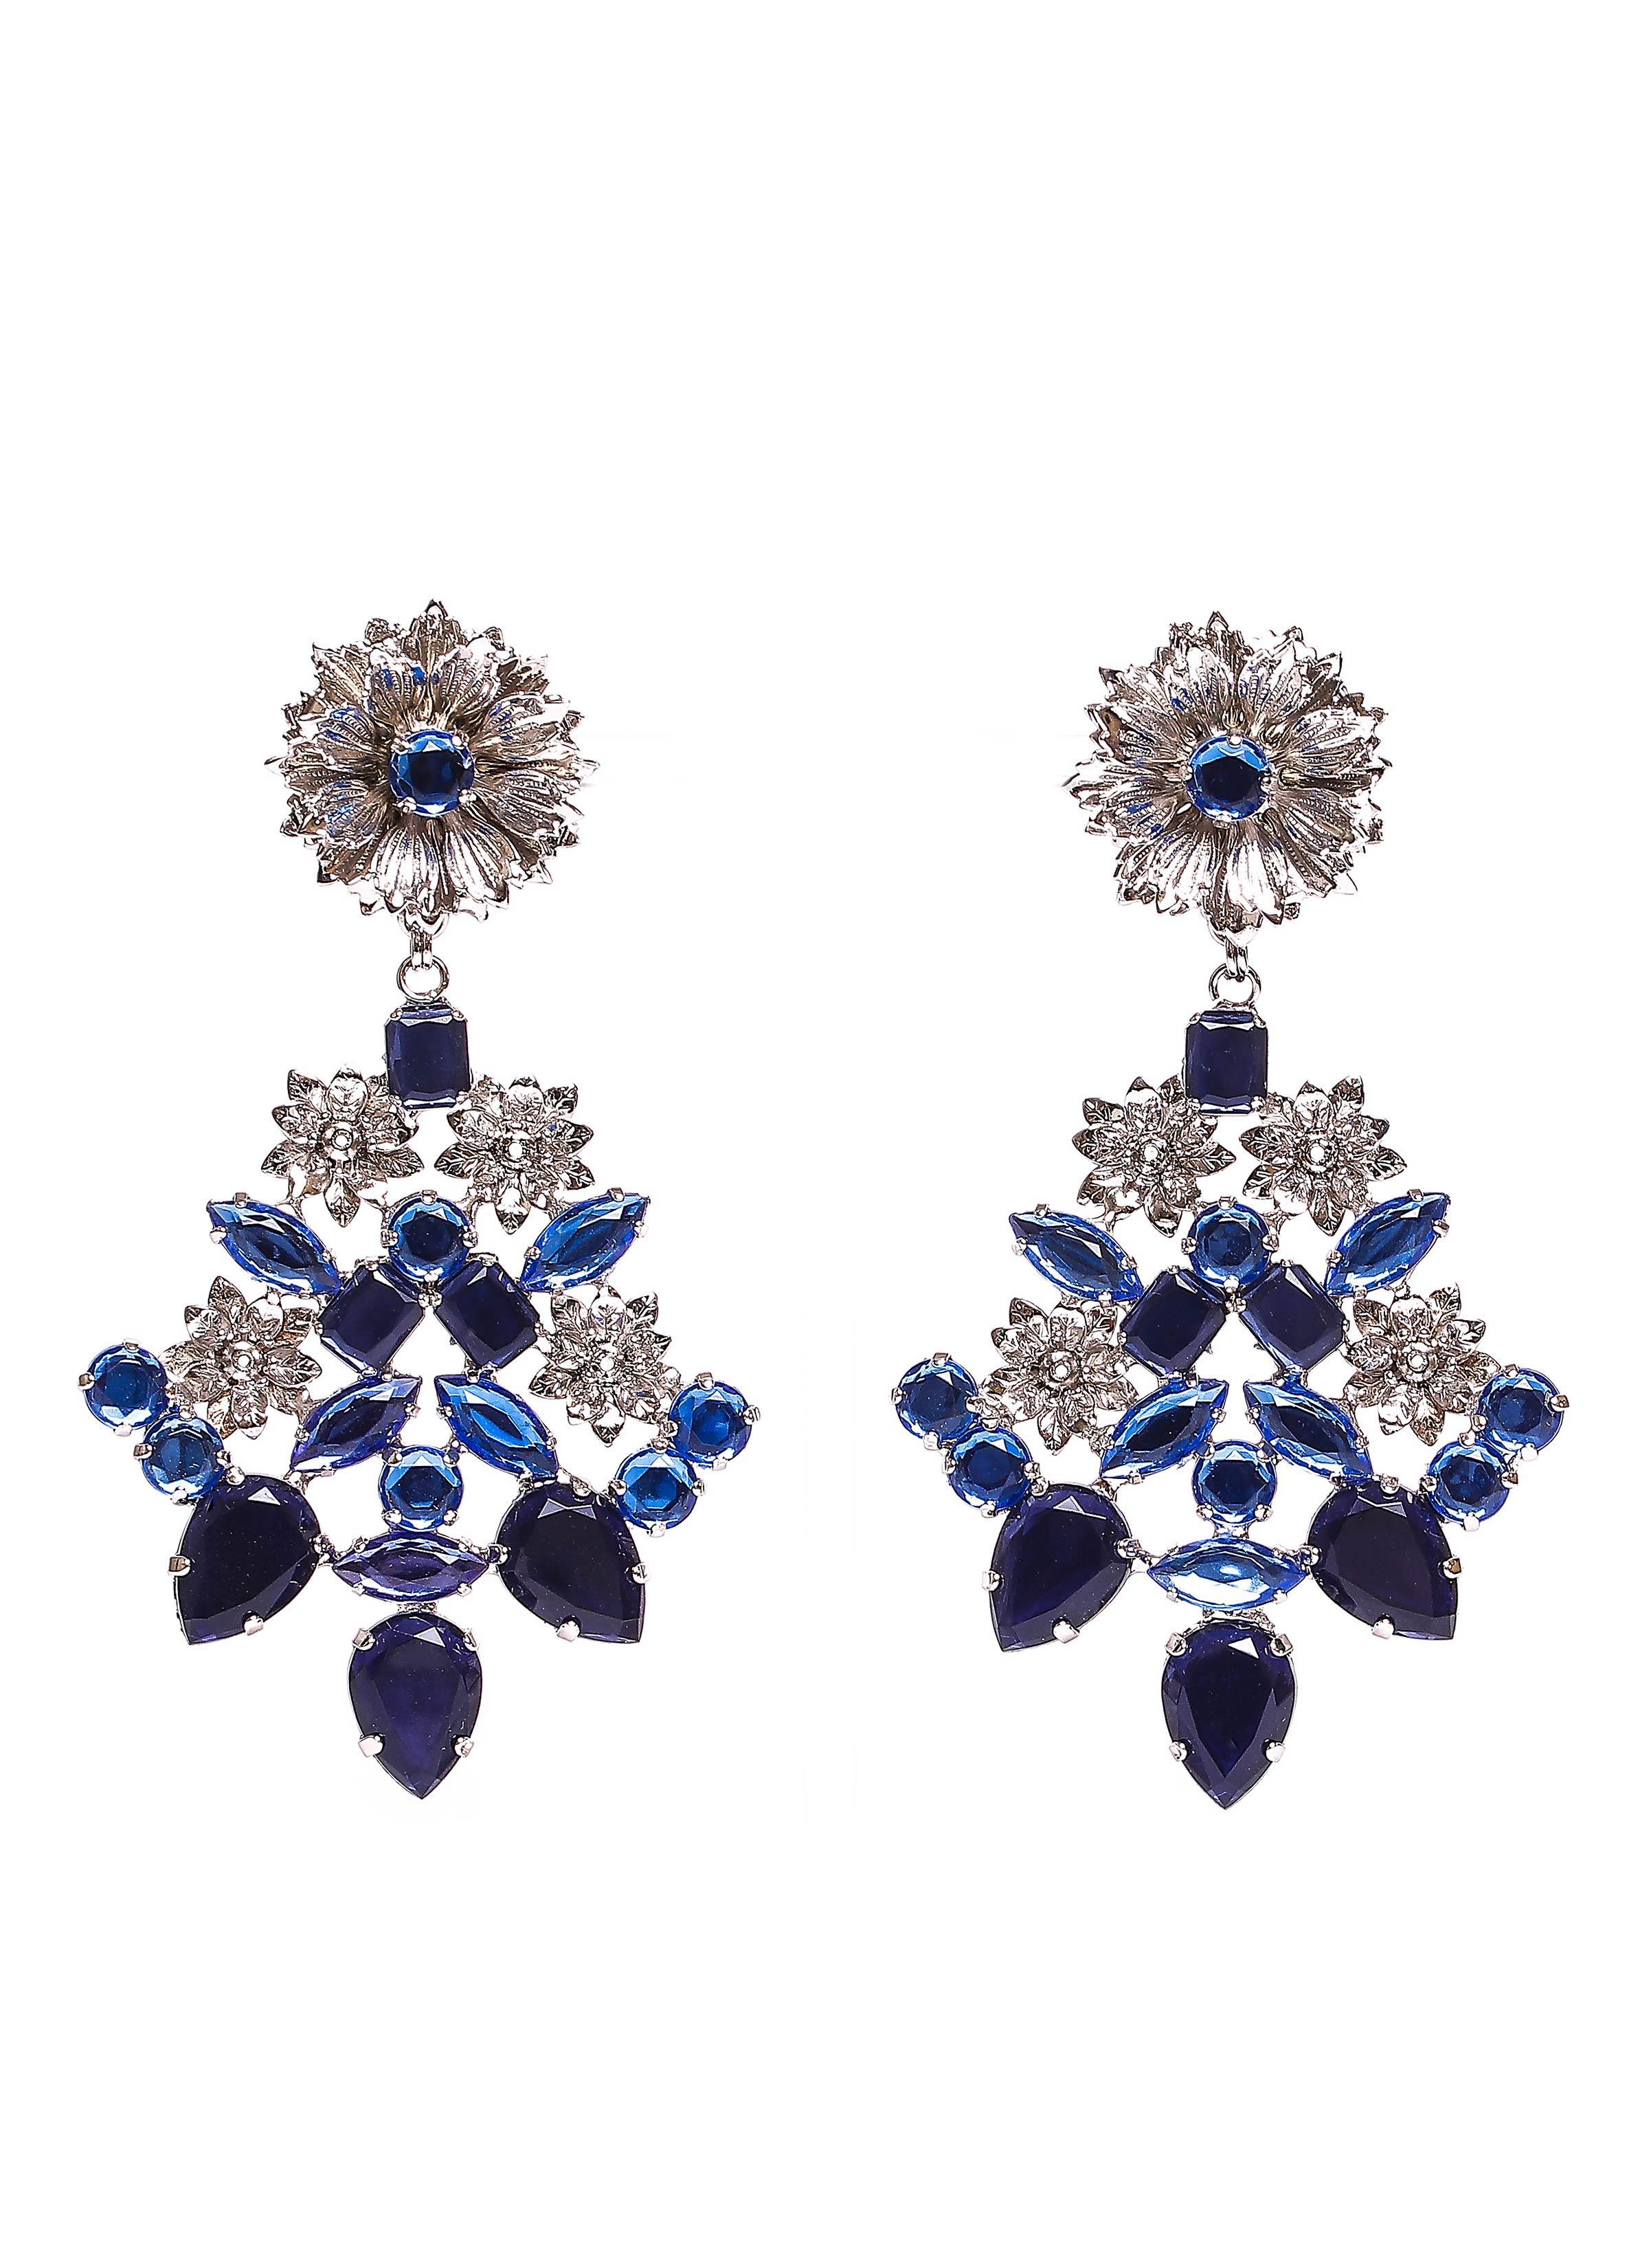 Orecchini in ottone con strass blu   Collezione lusso Mariella Gennarino